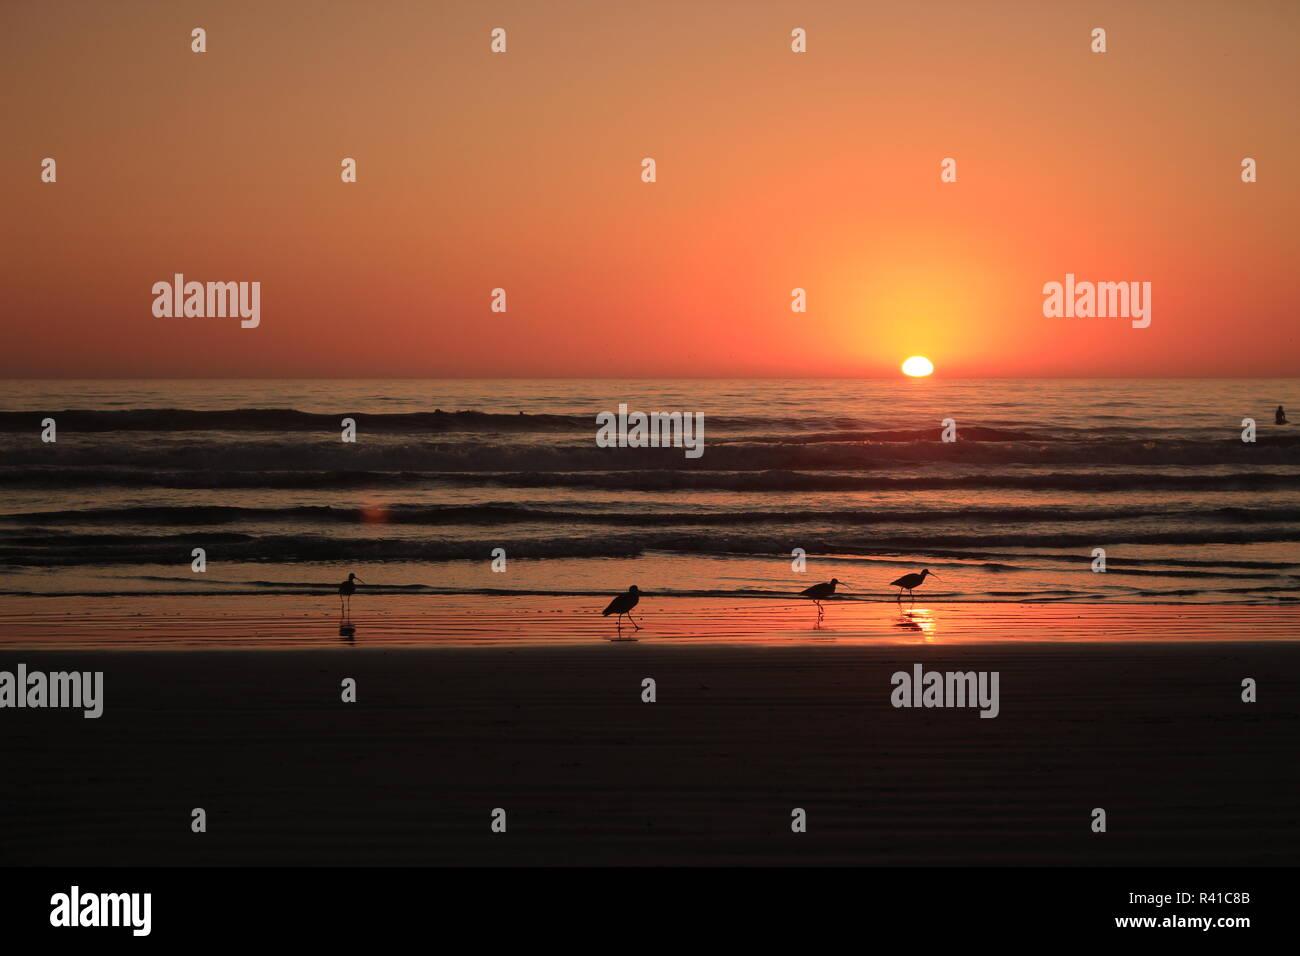 Sonnenuntergang an der Westküste der USA - Stock Image